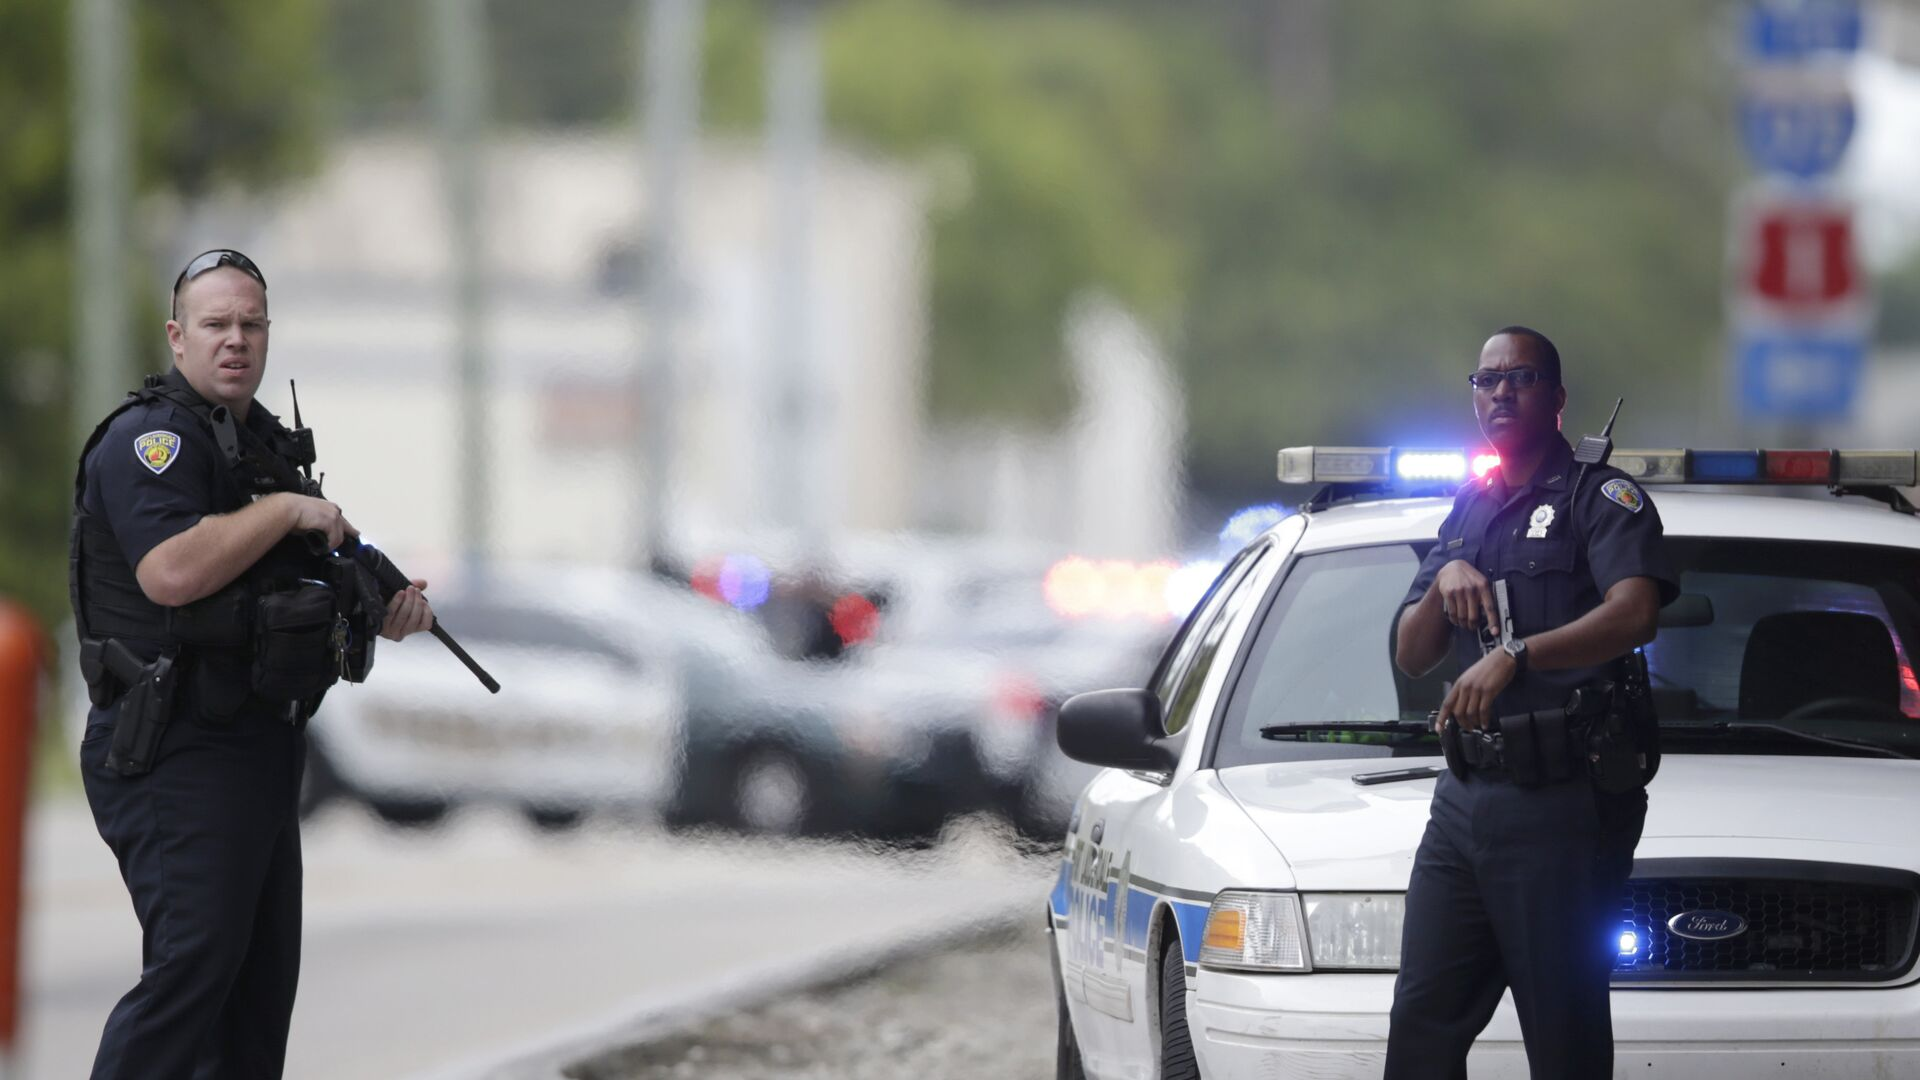 USA, giornata nera ad Atlanta: tre sparatorie in centri benessere fanno 8 morti - Sputnik Italia, 1920, 17.03.2021